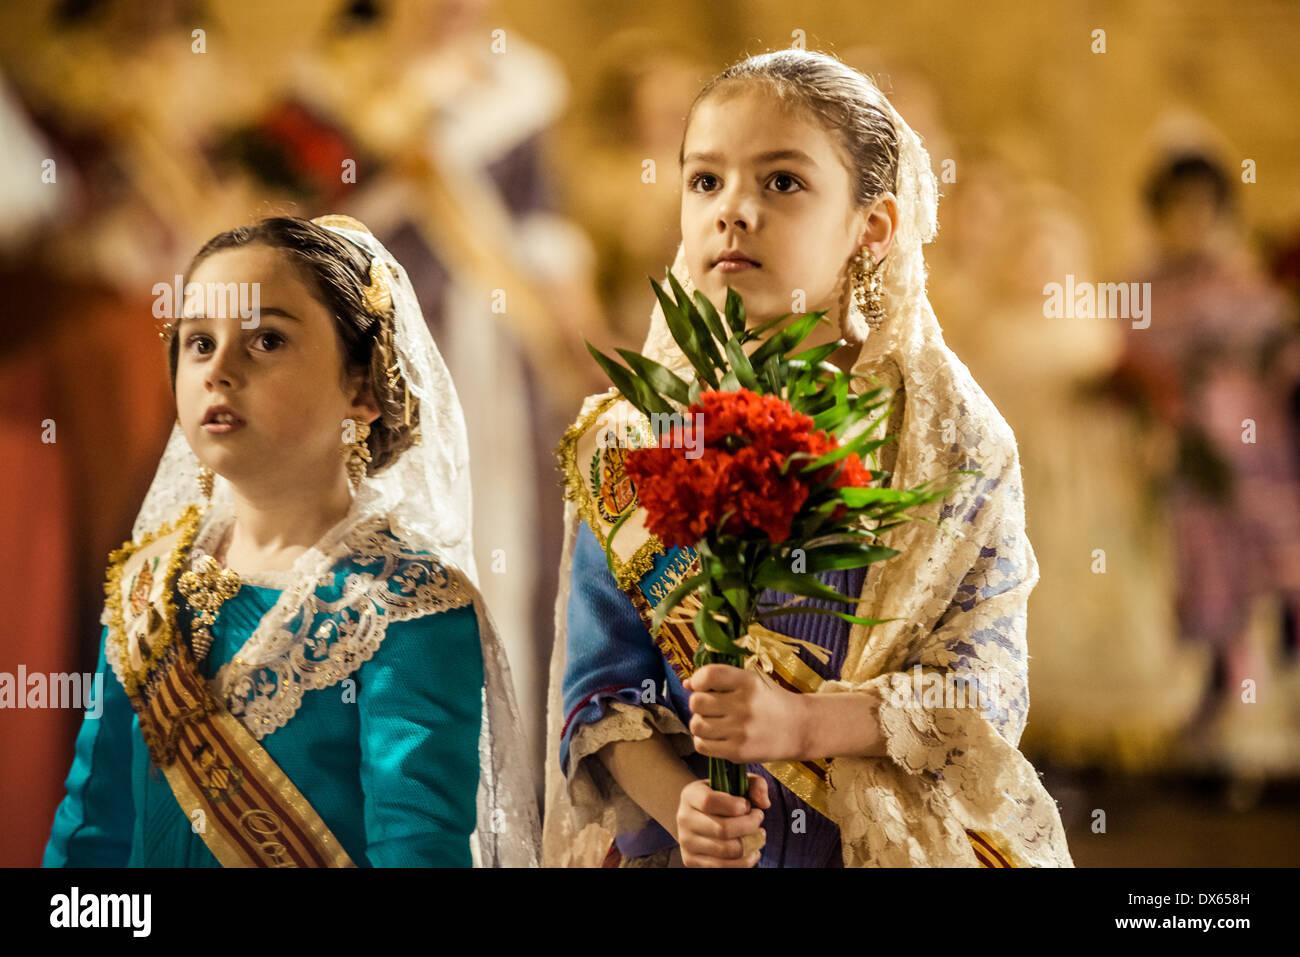 Valence, Espagne. 18 mars 2014: Un peu Fallera enfin offre son bouquet à la Vierge et à être placé à l'image des Banque D'Images